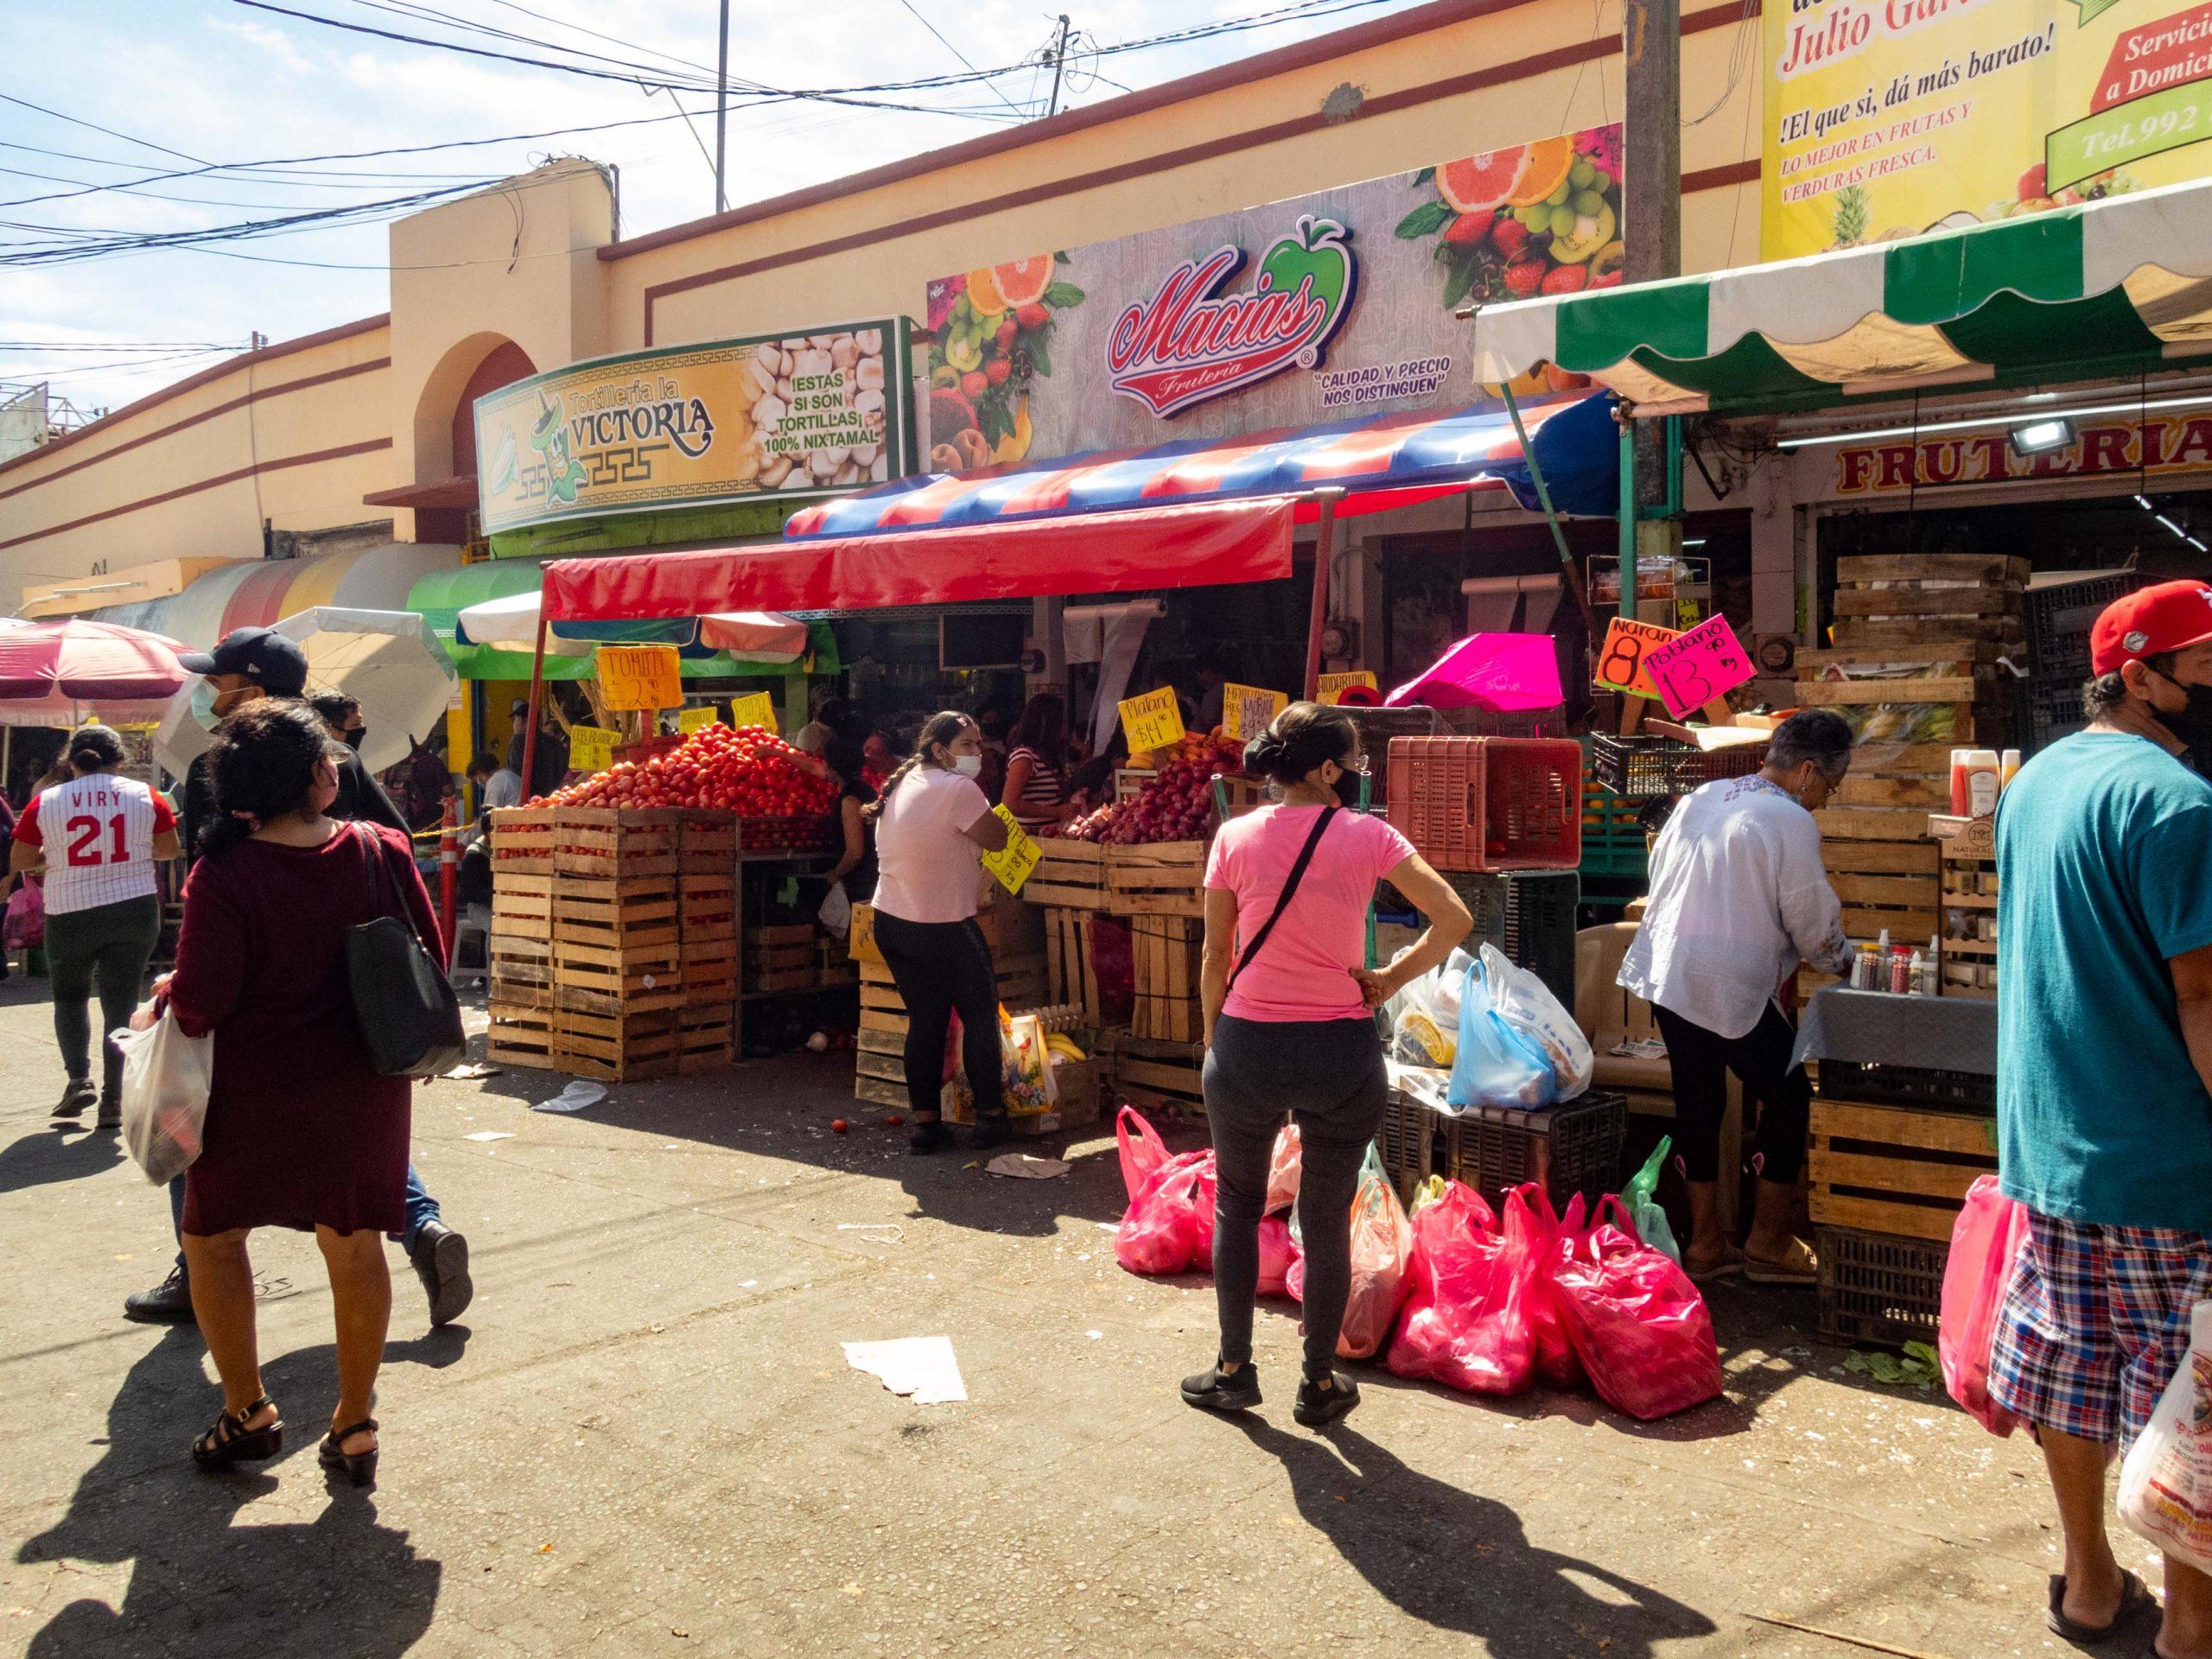 Juárez Mercado